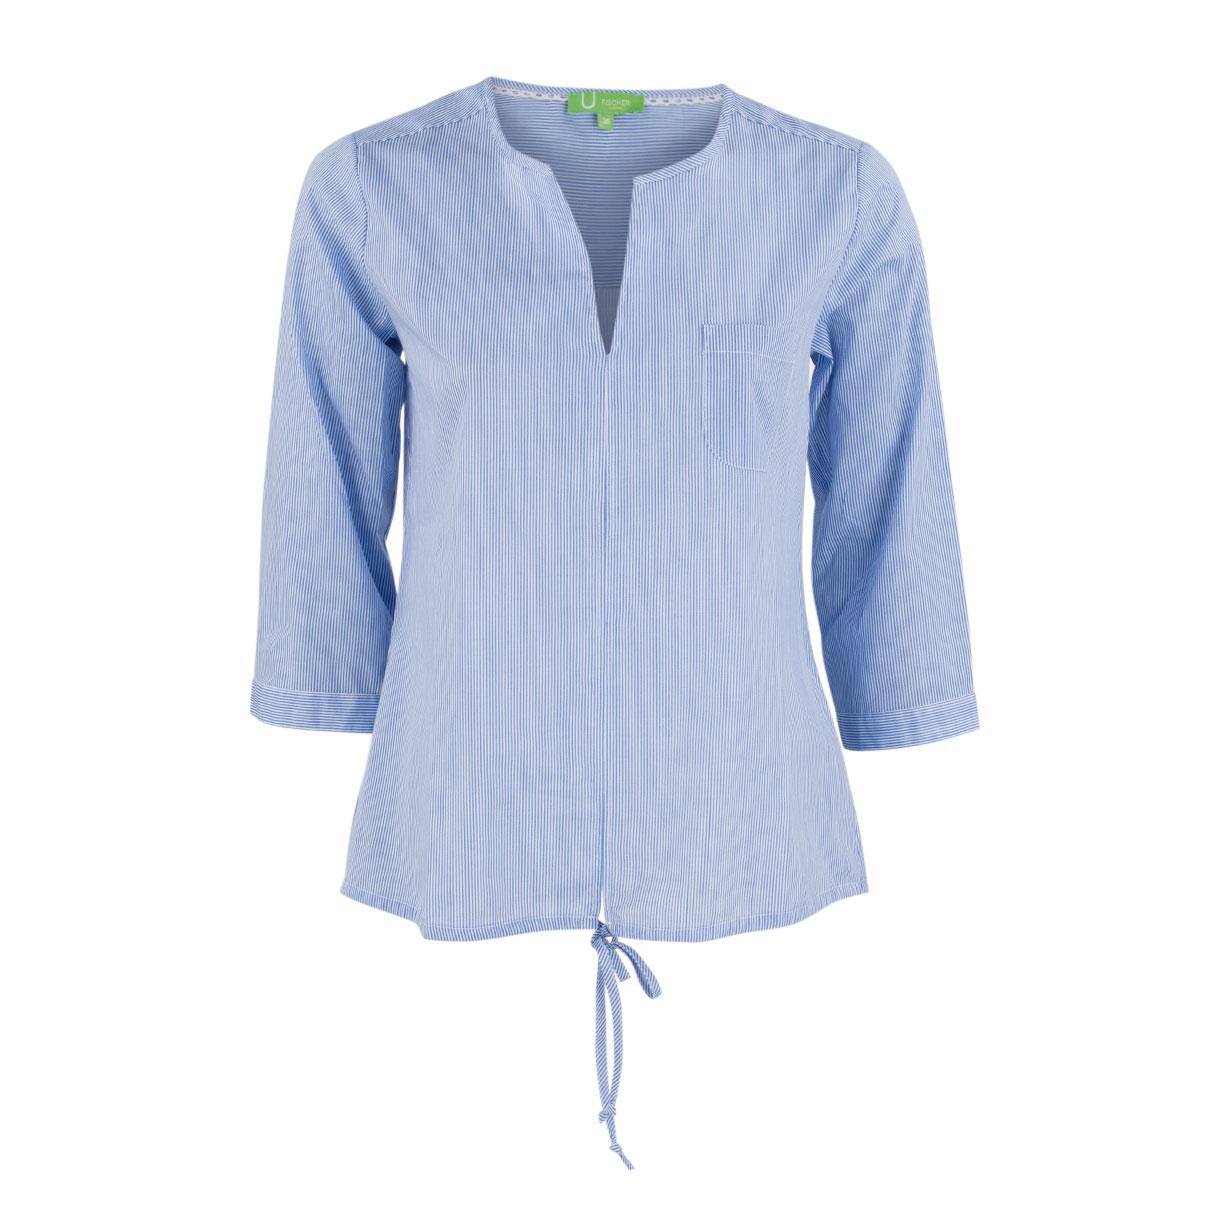 Bluse - Regular Fit - Stripes